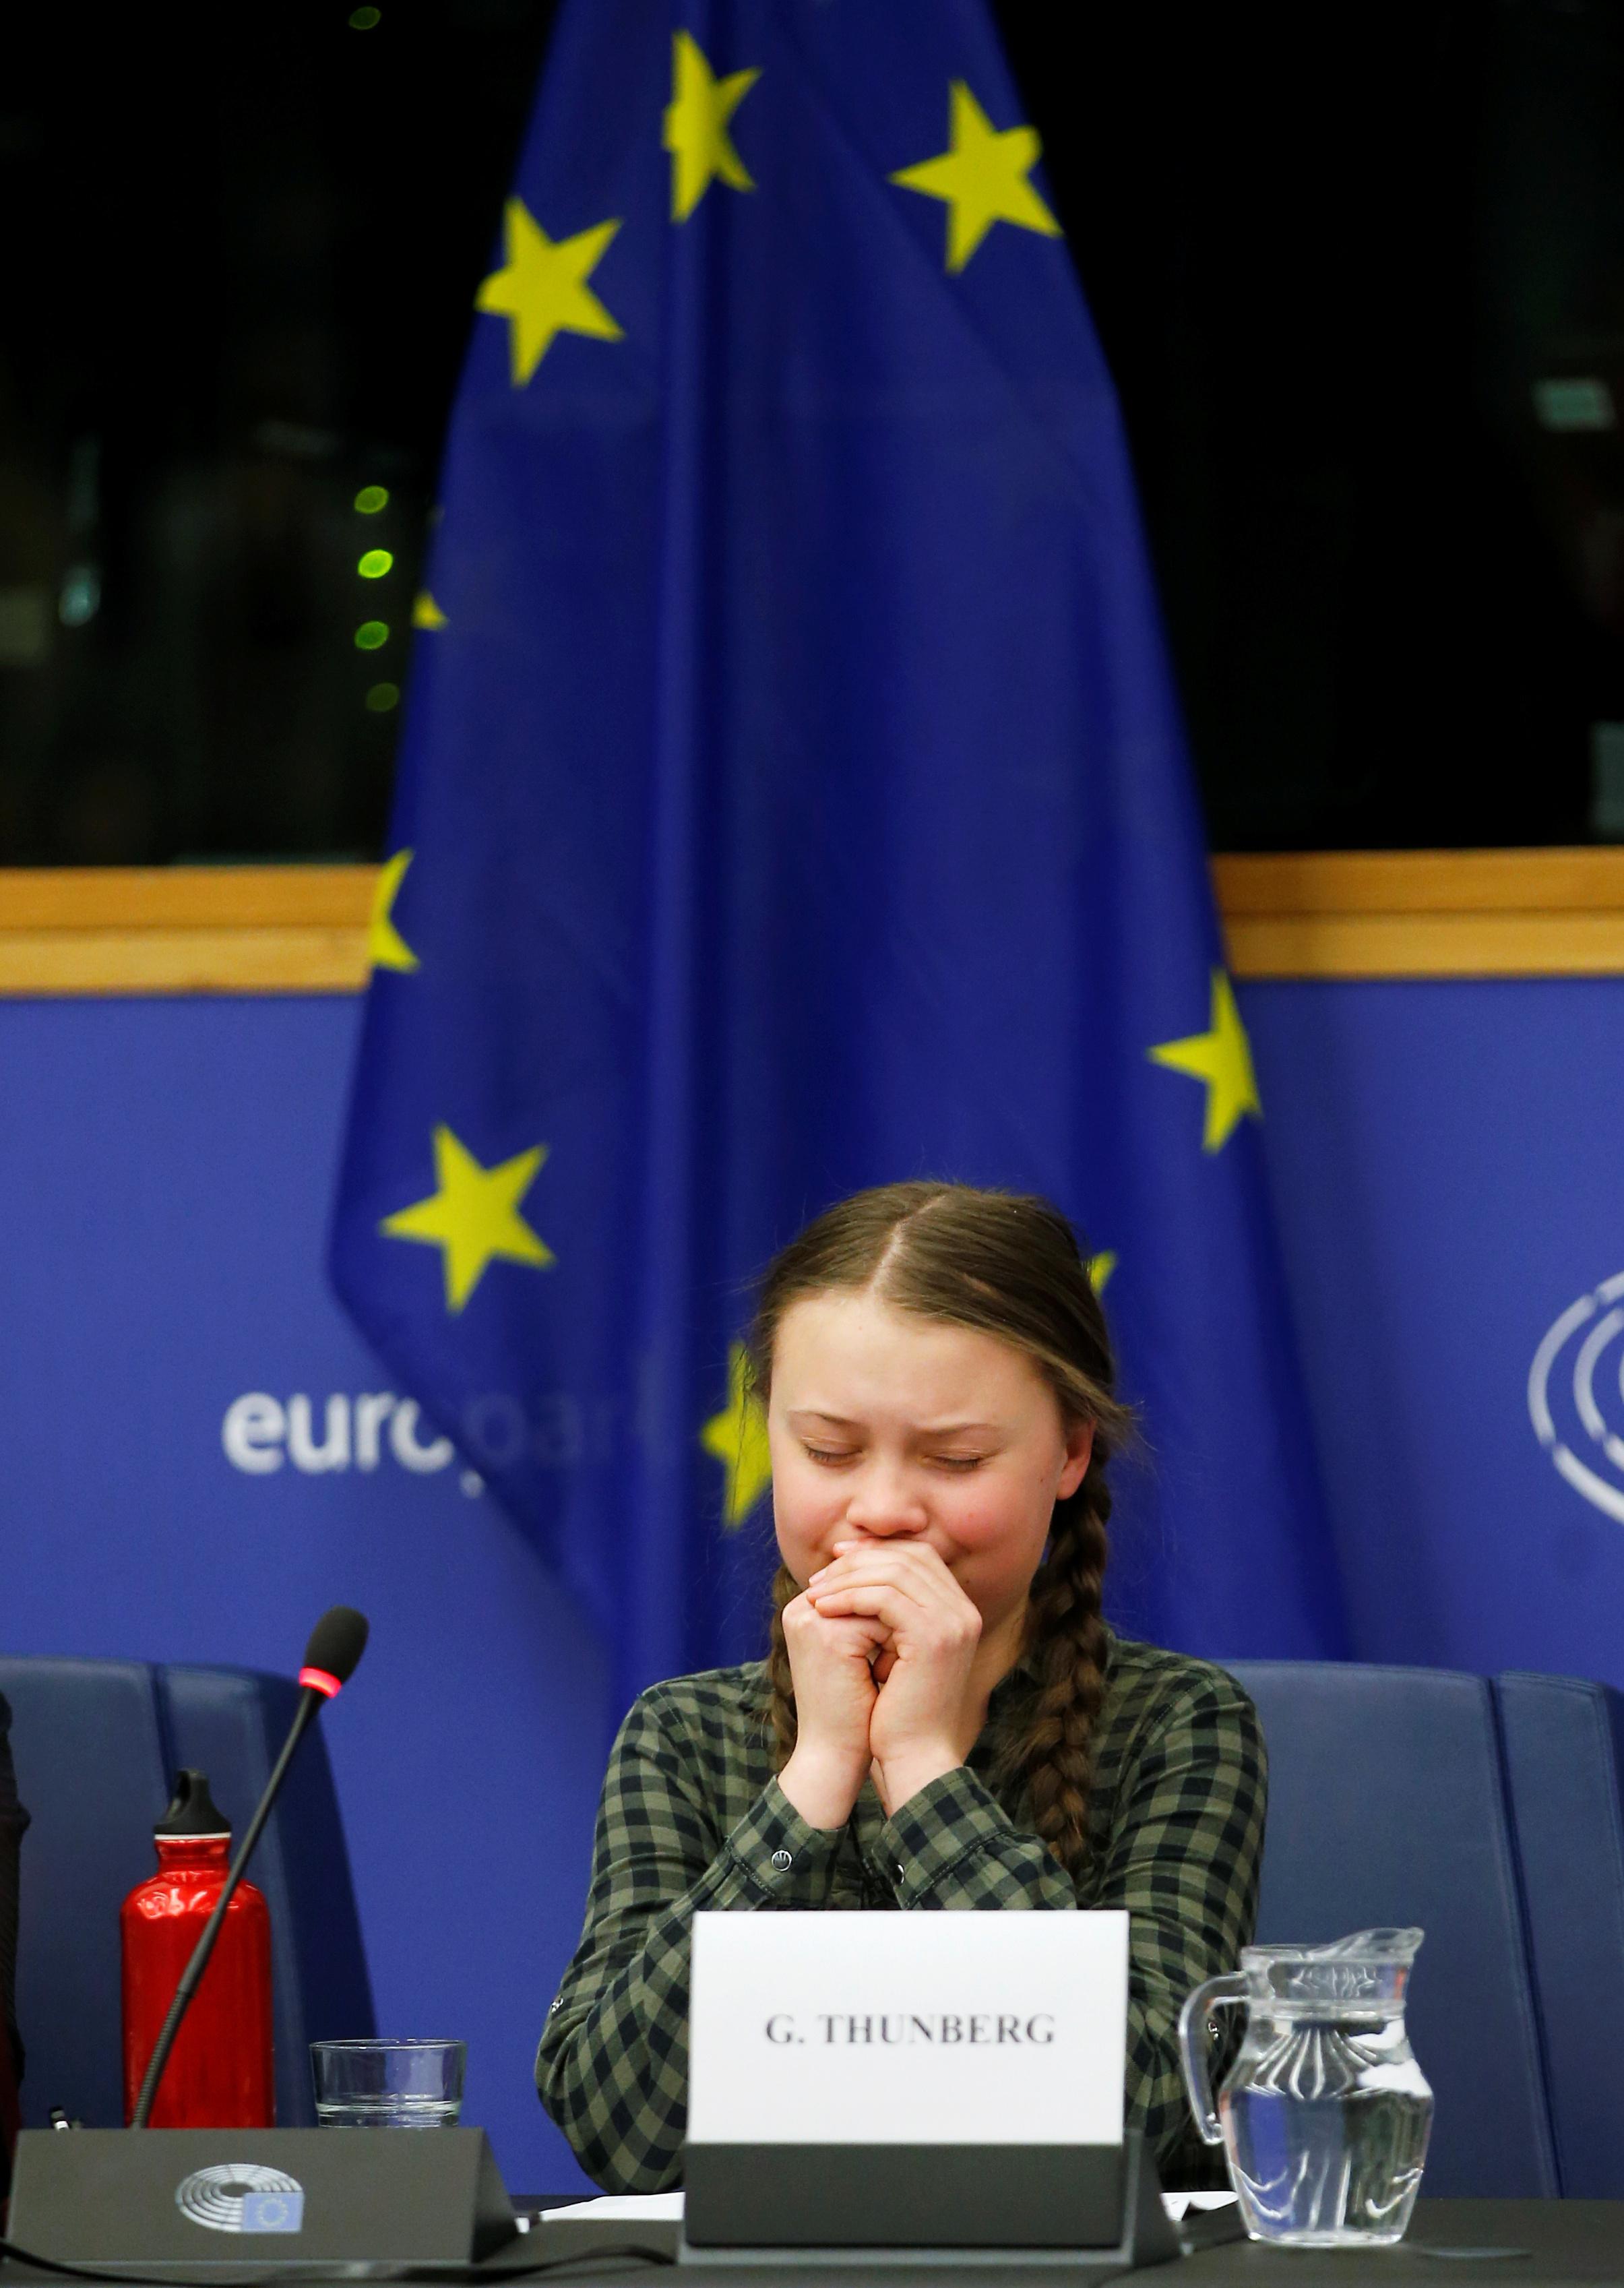 الطفلة السويدية جريتا ثانبيرج داخل البرلمان الأوروبى (8)